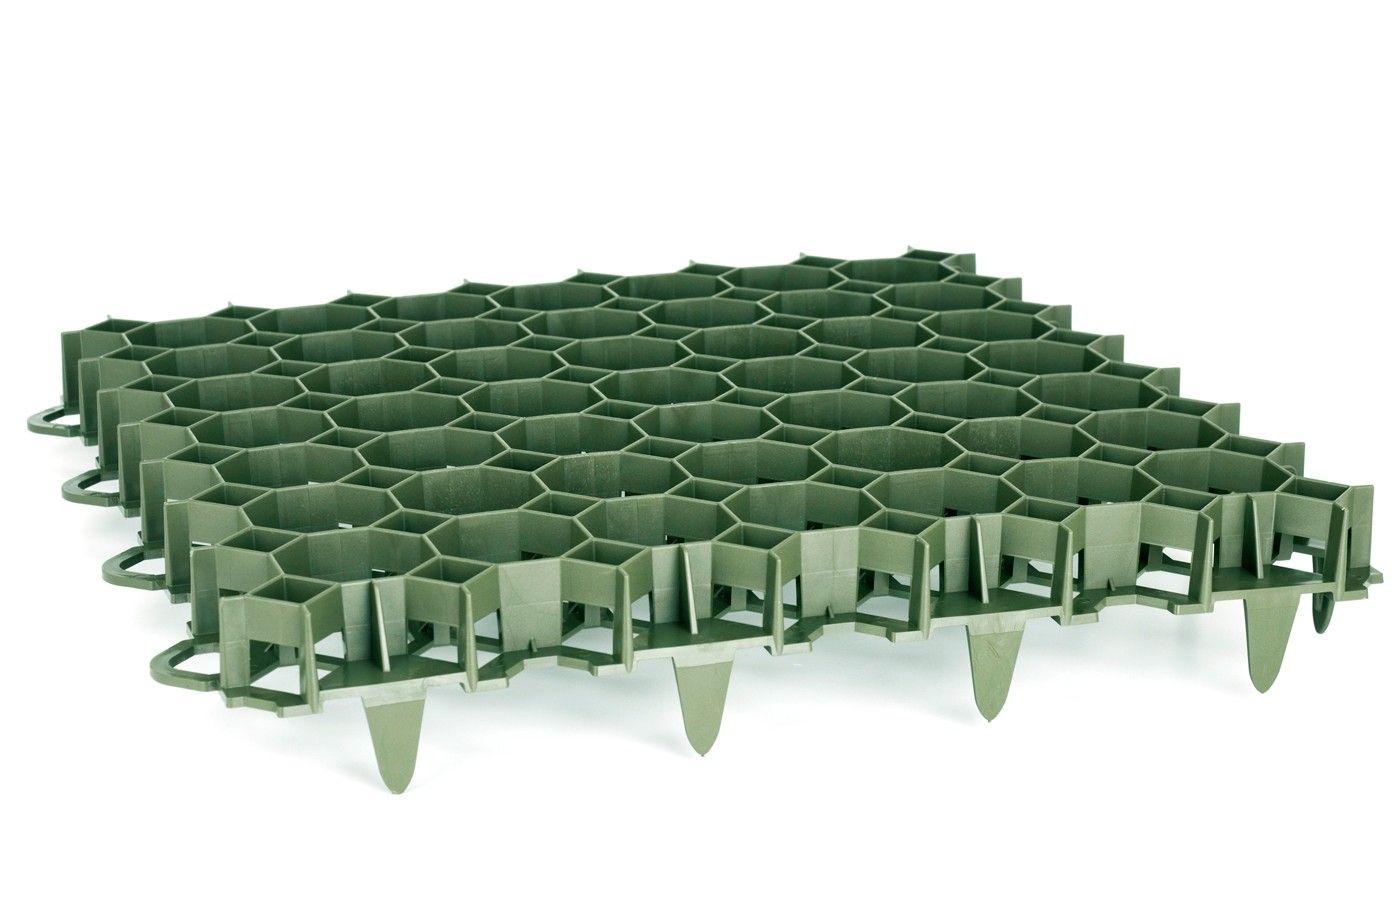 Dalle À Engazonner 47 X 47 X 3,9 Cm, Résistance : 3,5 Tonnes ... intérieur Dalle Plastique Jardin